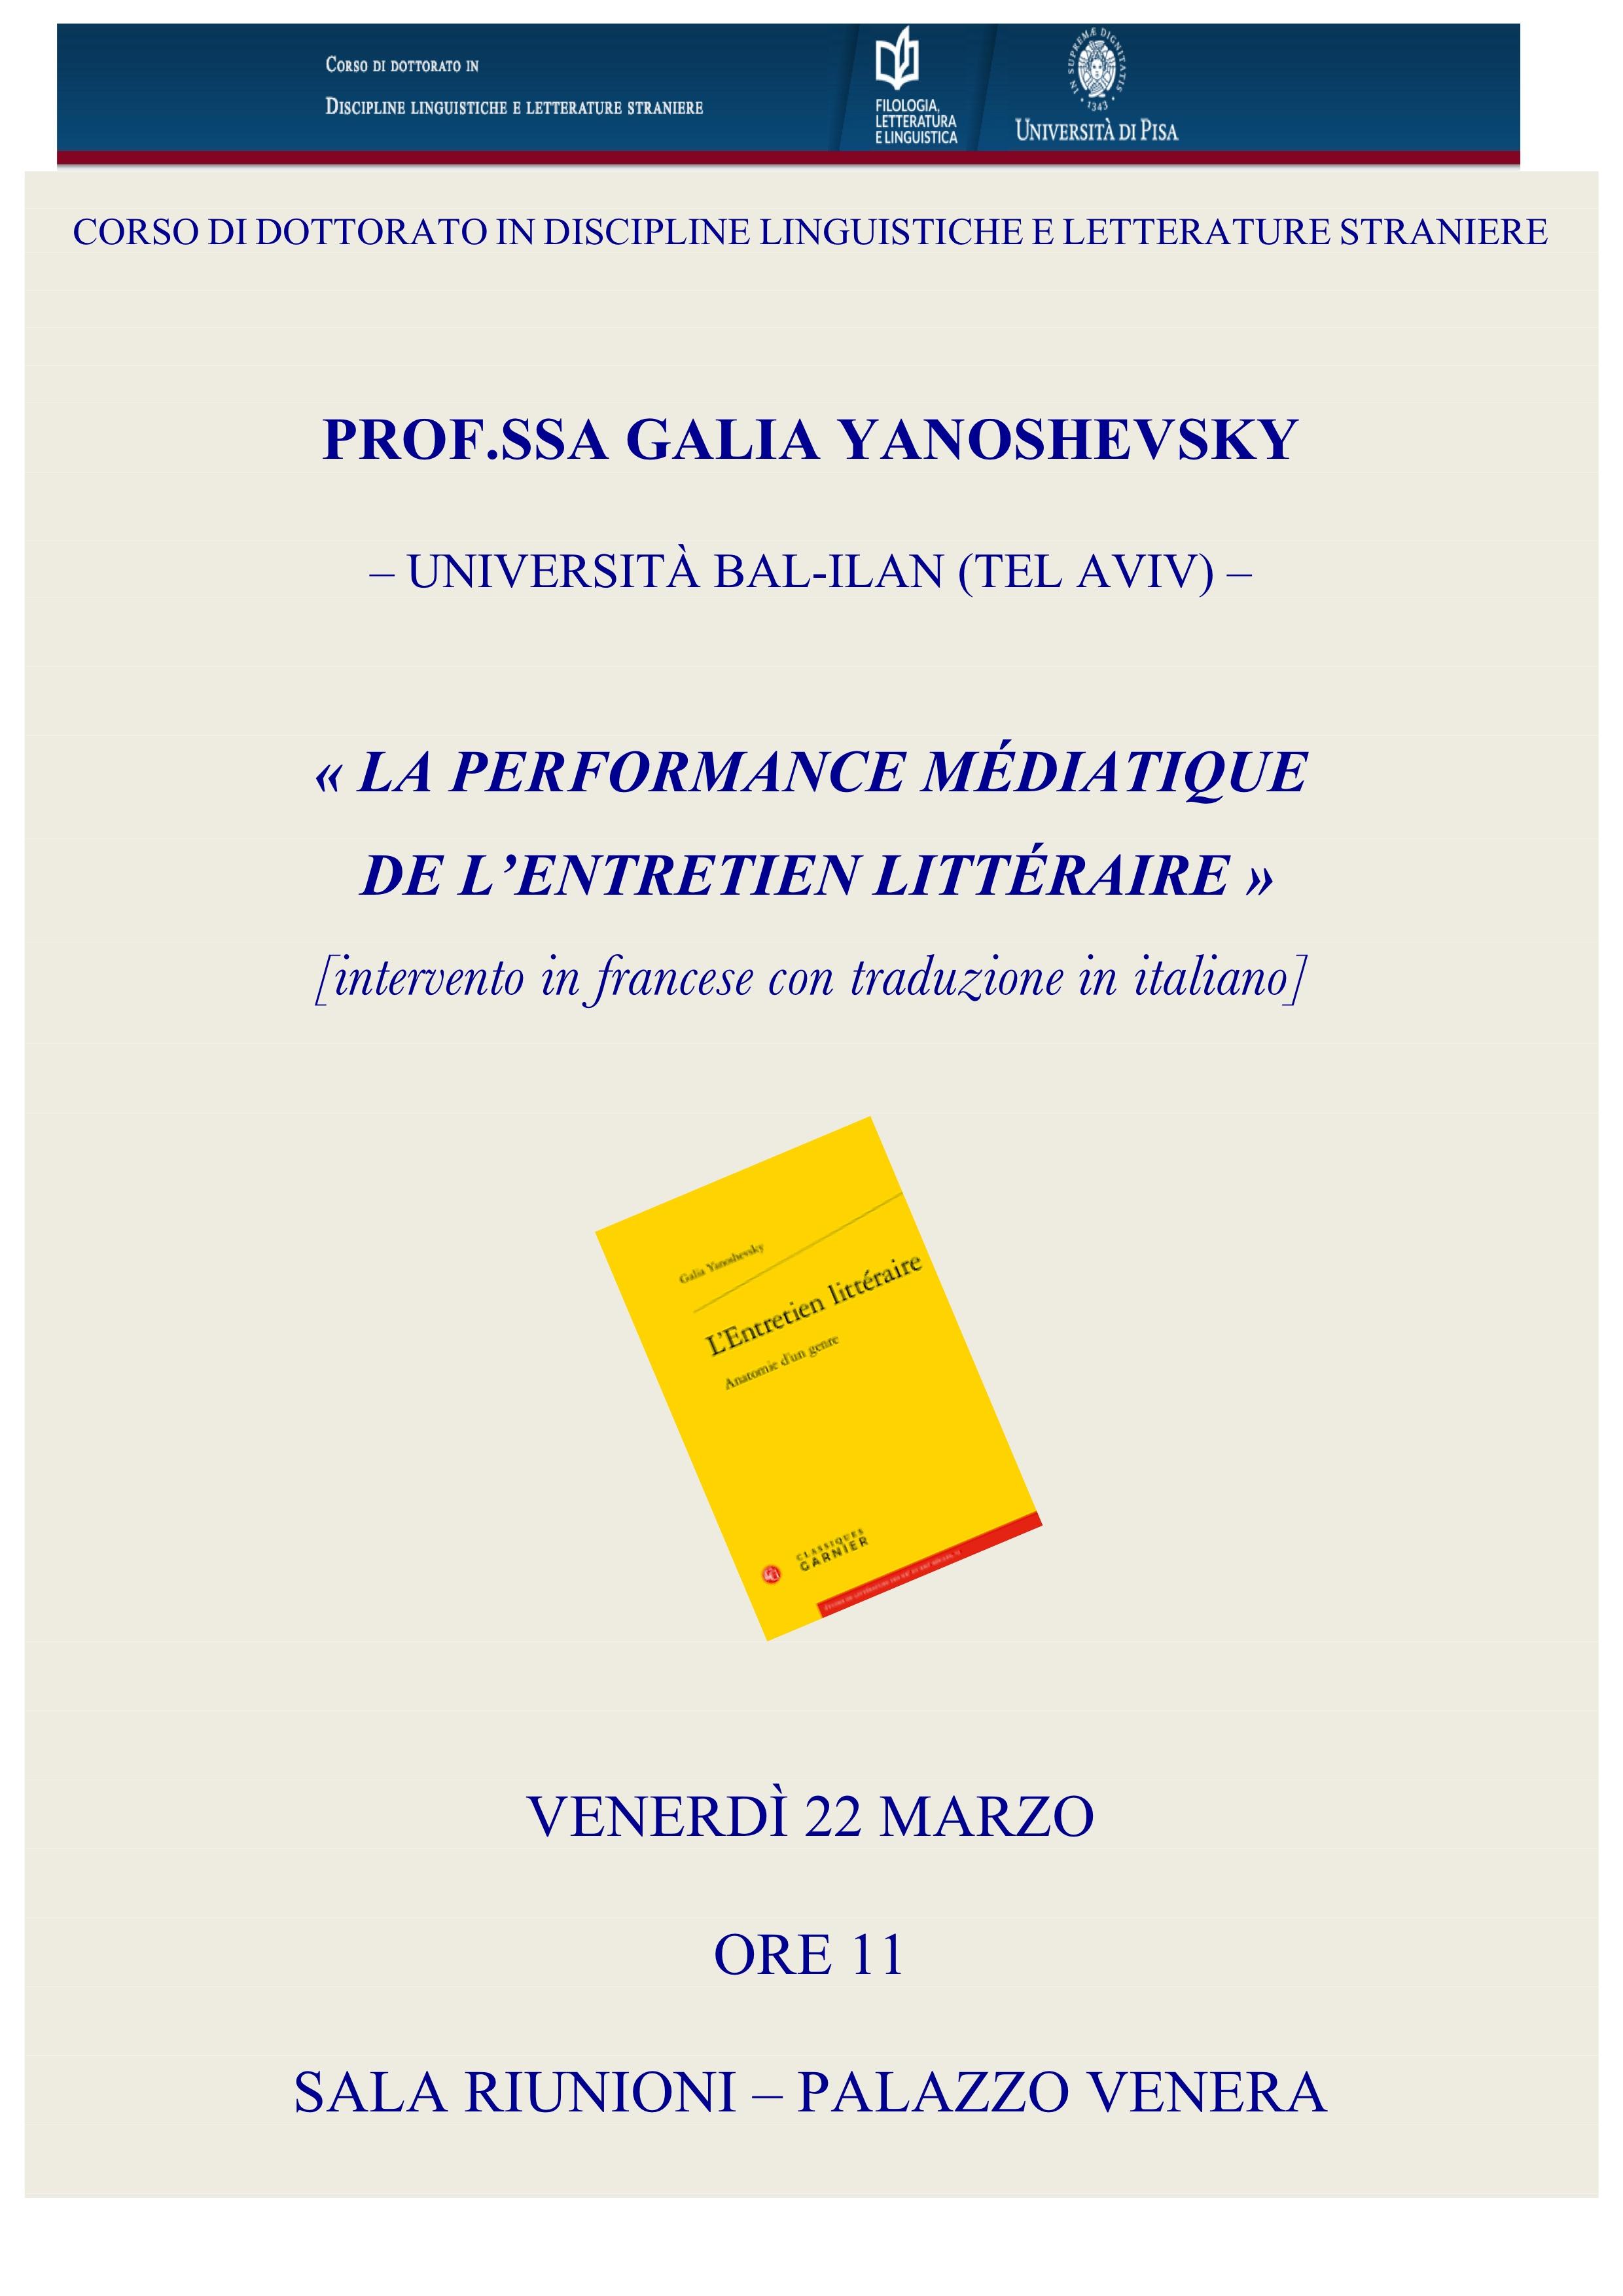 La performance médiatique de l'entretien littéraire: conferenza